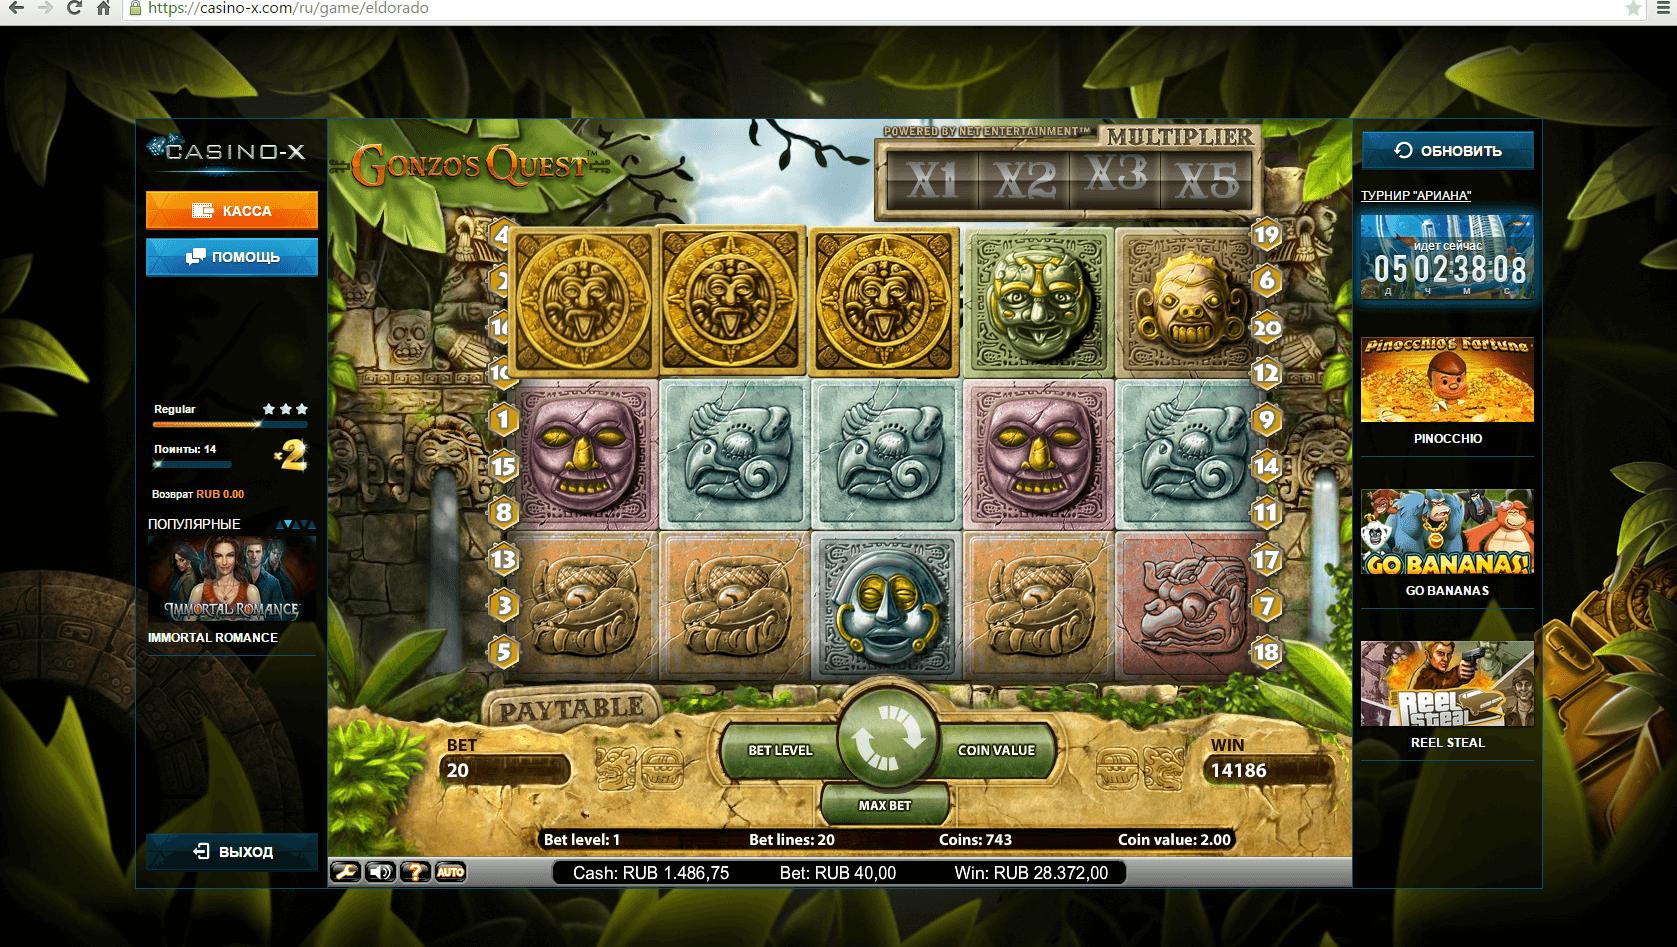 Играть в казино на деньги в рублях карты список играть